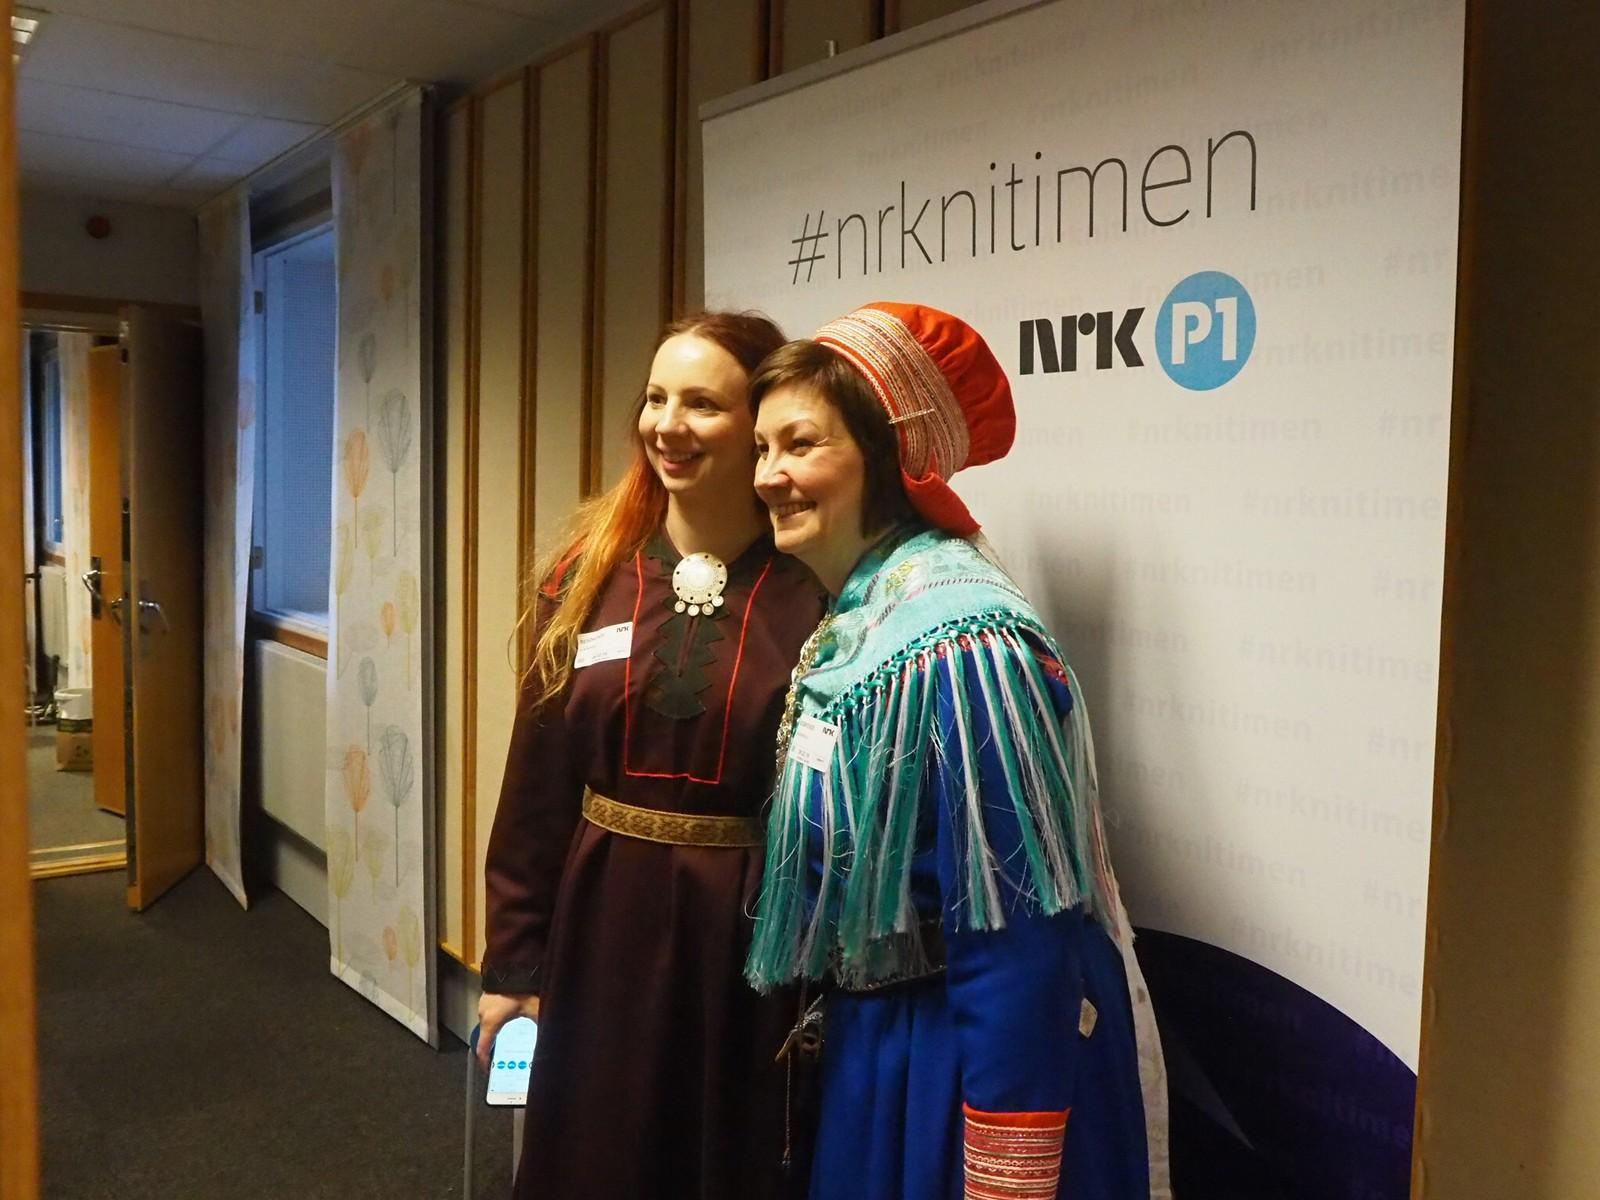 Aili Keskitalo og Elin Kåven var to av deltagerne i dagens Nitimen-sending på NRK P1, dette var starten på sametingspresidenten noe travle dag.